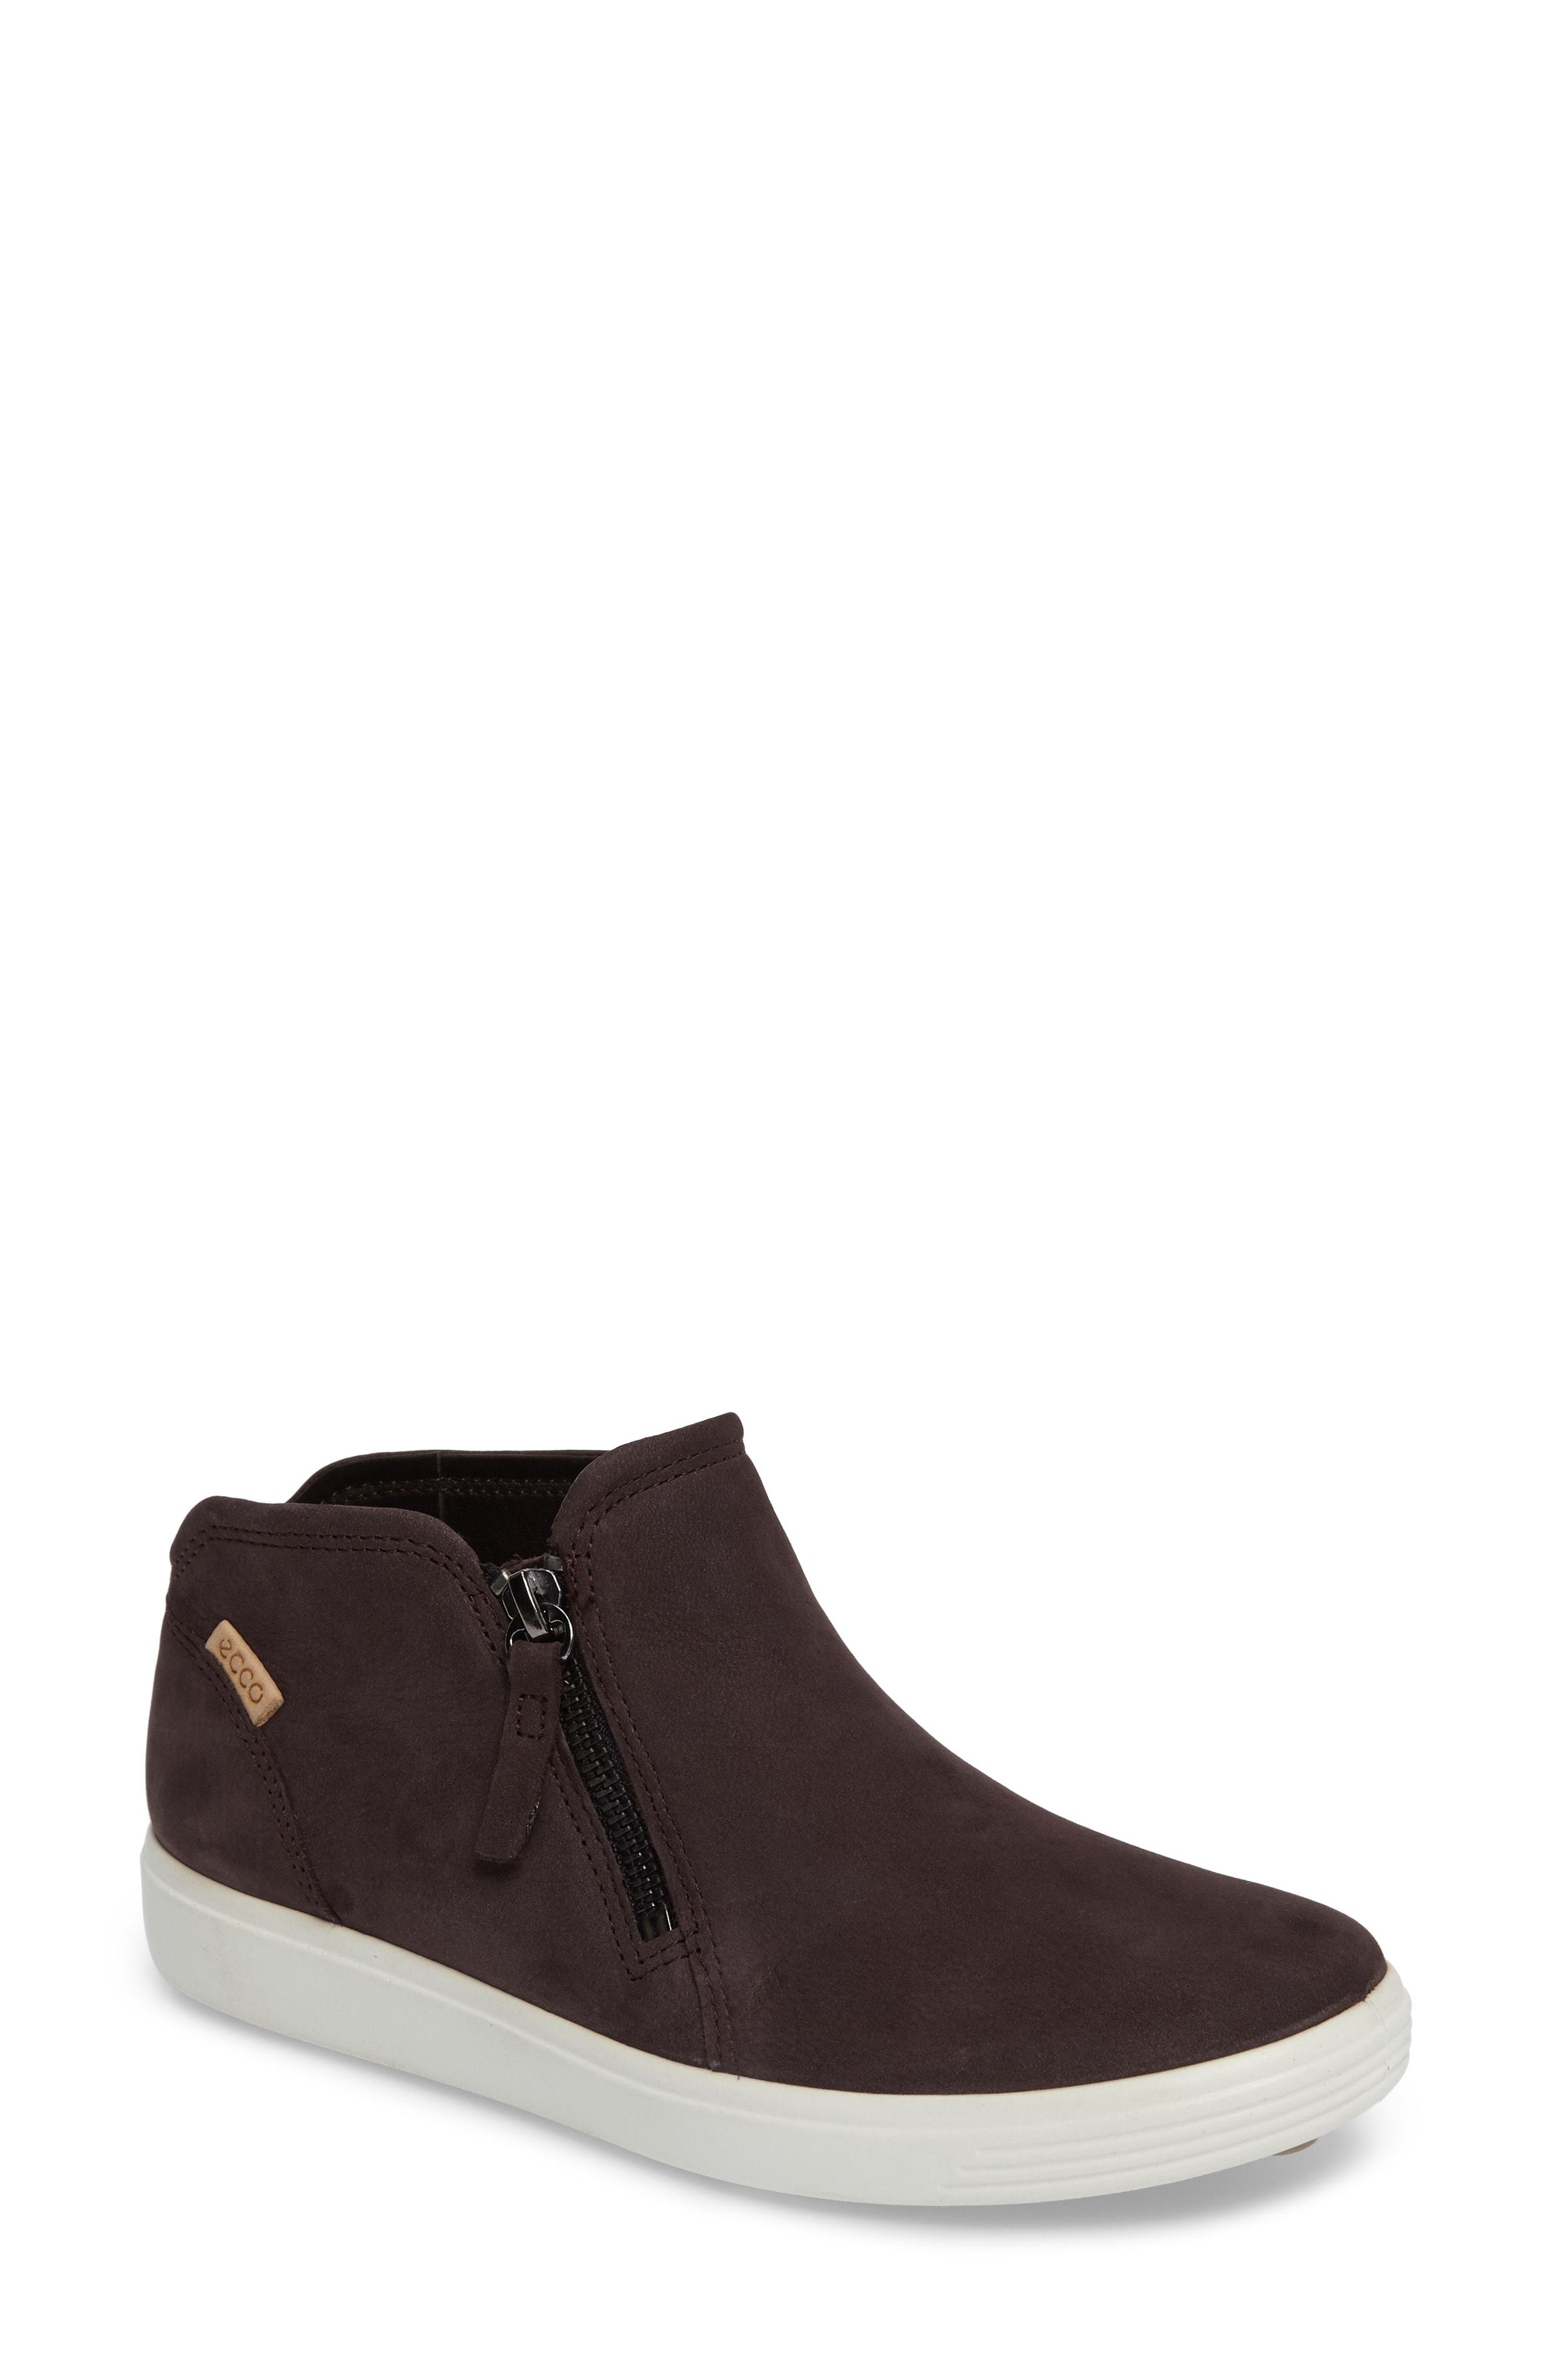 56a3f4b71 Ecco Soft 7 Mid Top Sneaker, $169   Nordstrom   Lookastic.com